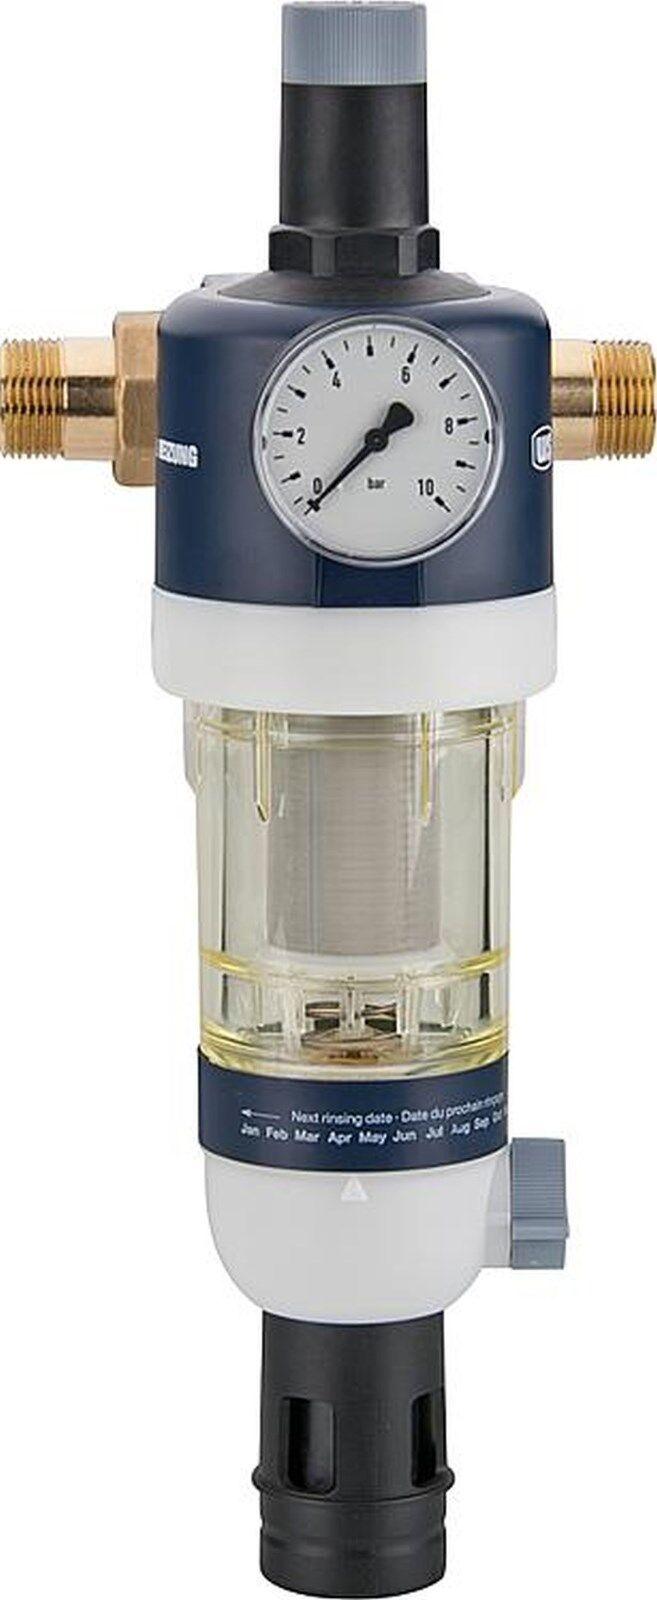 Estación de Agua Casa Incl. Conector rojouctor Presión y Manómetro Dn25 (1 )